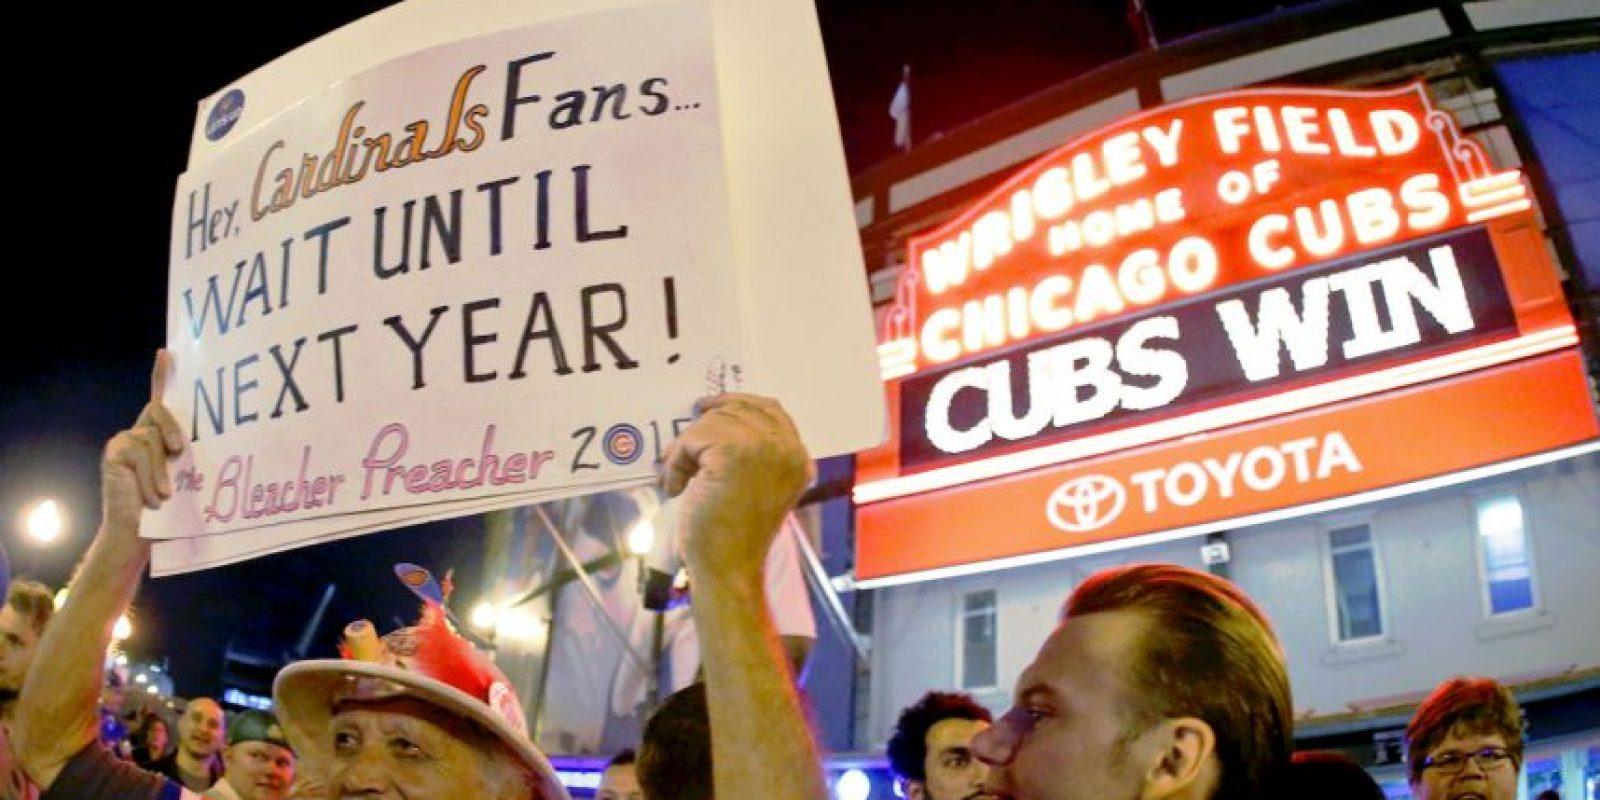 """Sin embargo, hay varios errores que """"empañan"""" la emoción de los Cubs y que no permitirán que la profecía del filme se cumpla puntualmente. Eso sí, si el equipo de Chicago termina campeón de la MLB, nada le quitará la alegría a sus fans. Foto:Getty Images"""